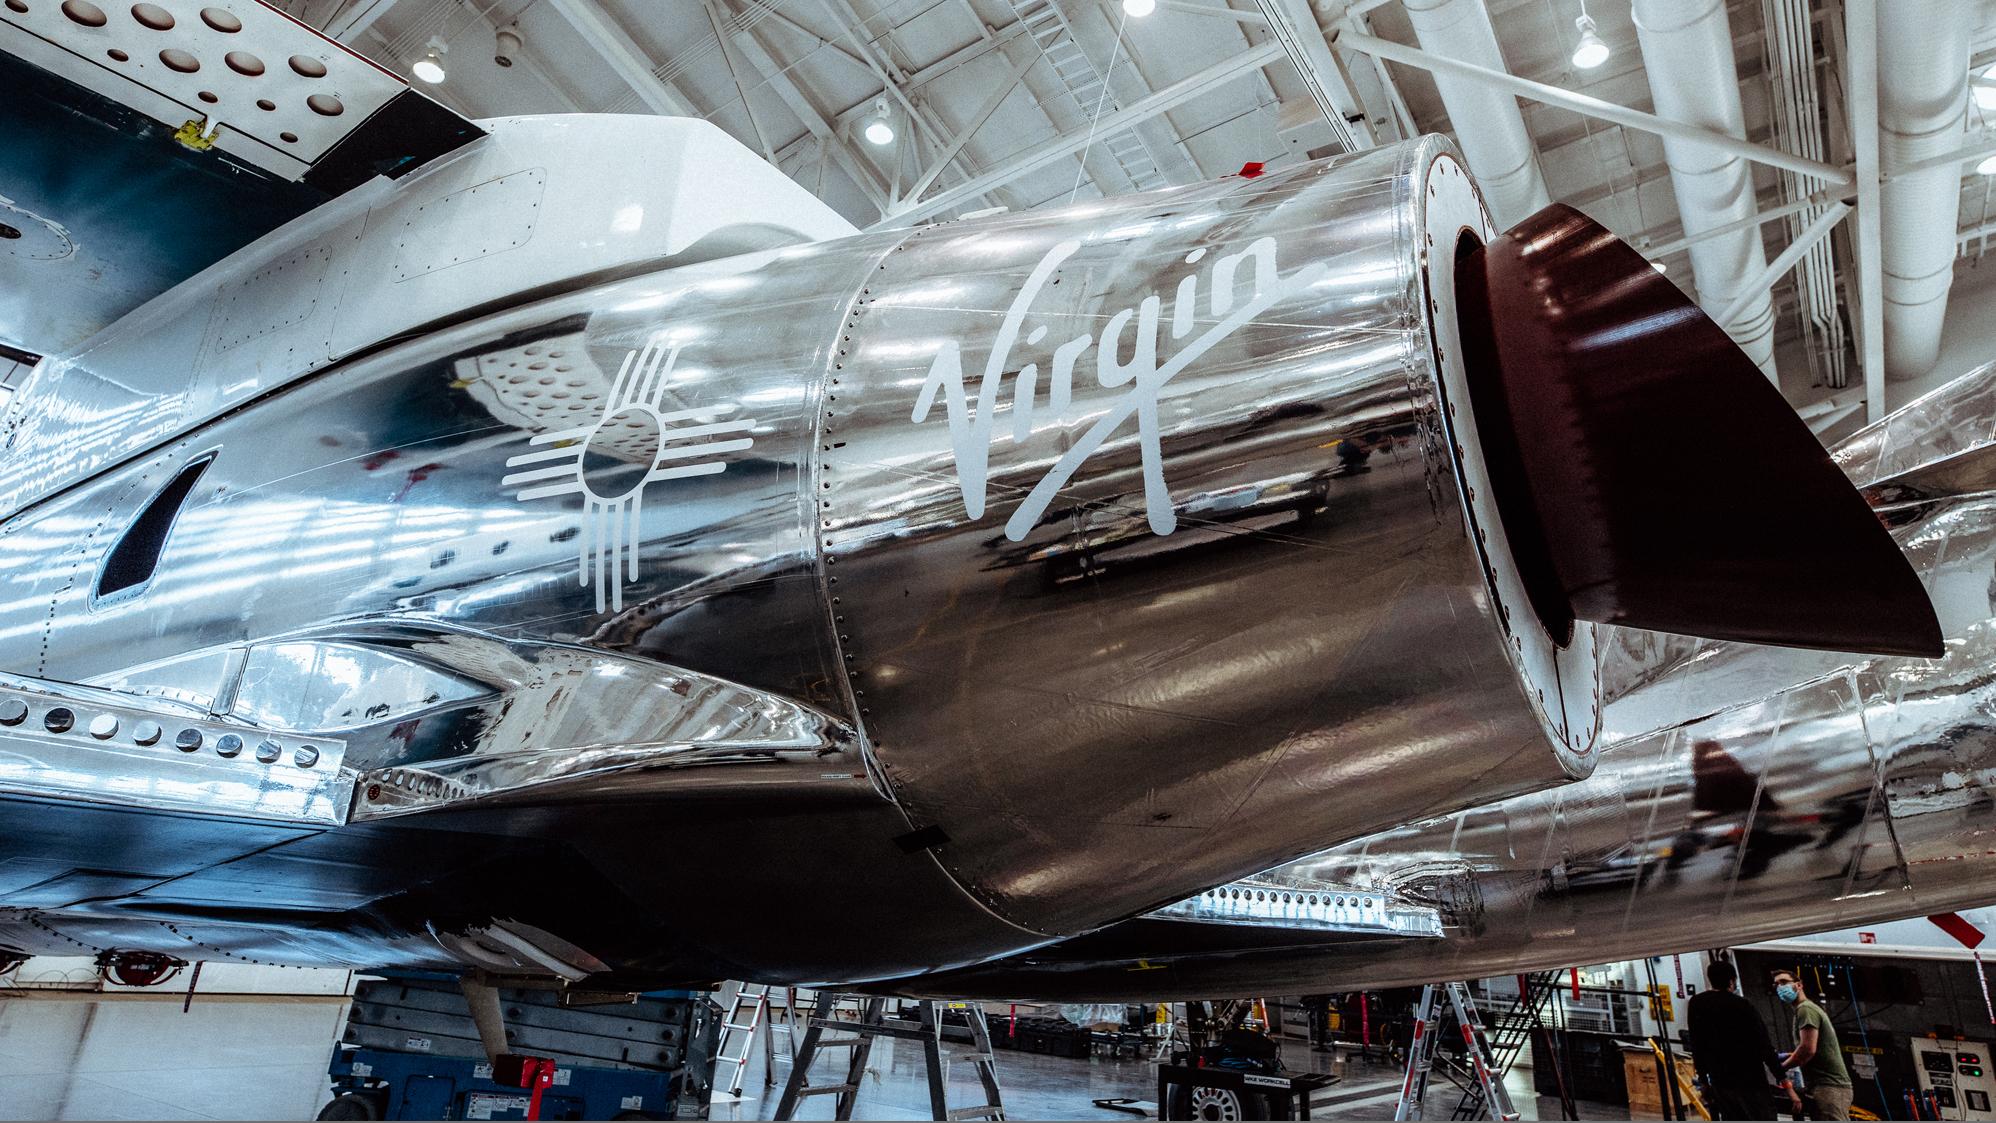 Le symbole Zia Sun du Nouveau-Mexique est visible sur le moteur du SpaceShipTwo Unity de Virgin Galactic dans son hangar de Spaceport America, au Nouveau-Mexique.